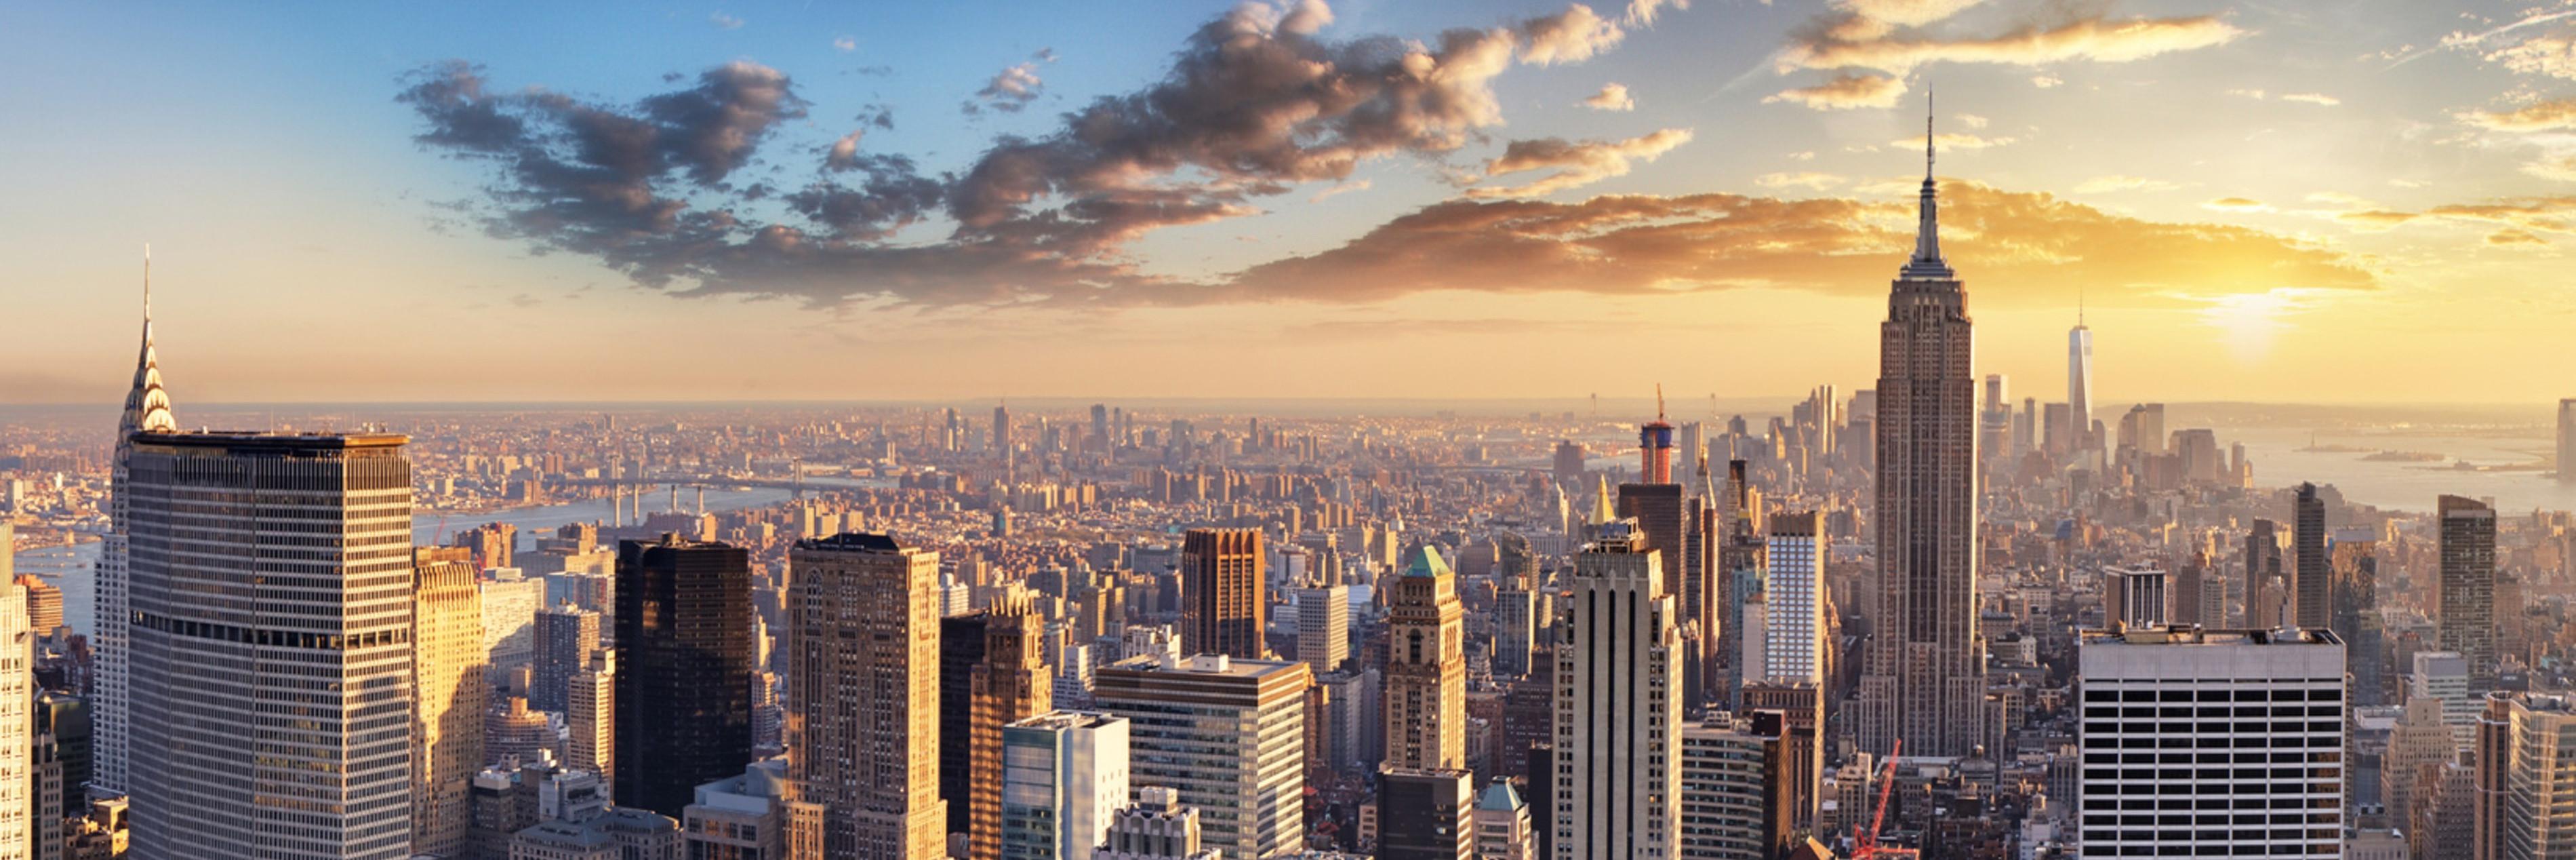 los angeles to new york flight price